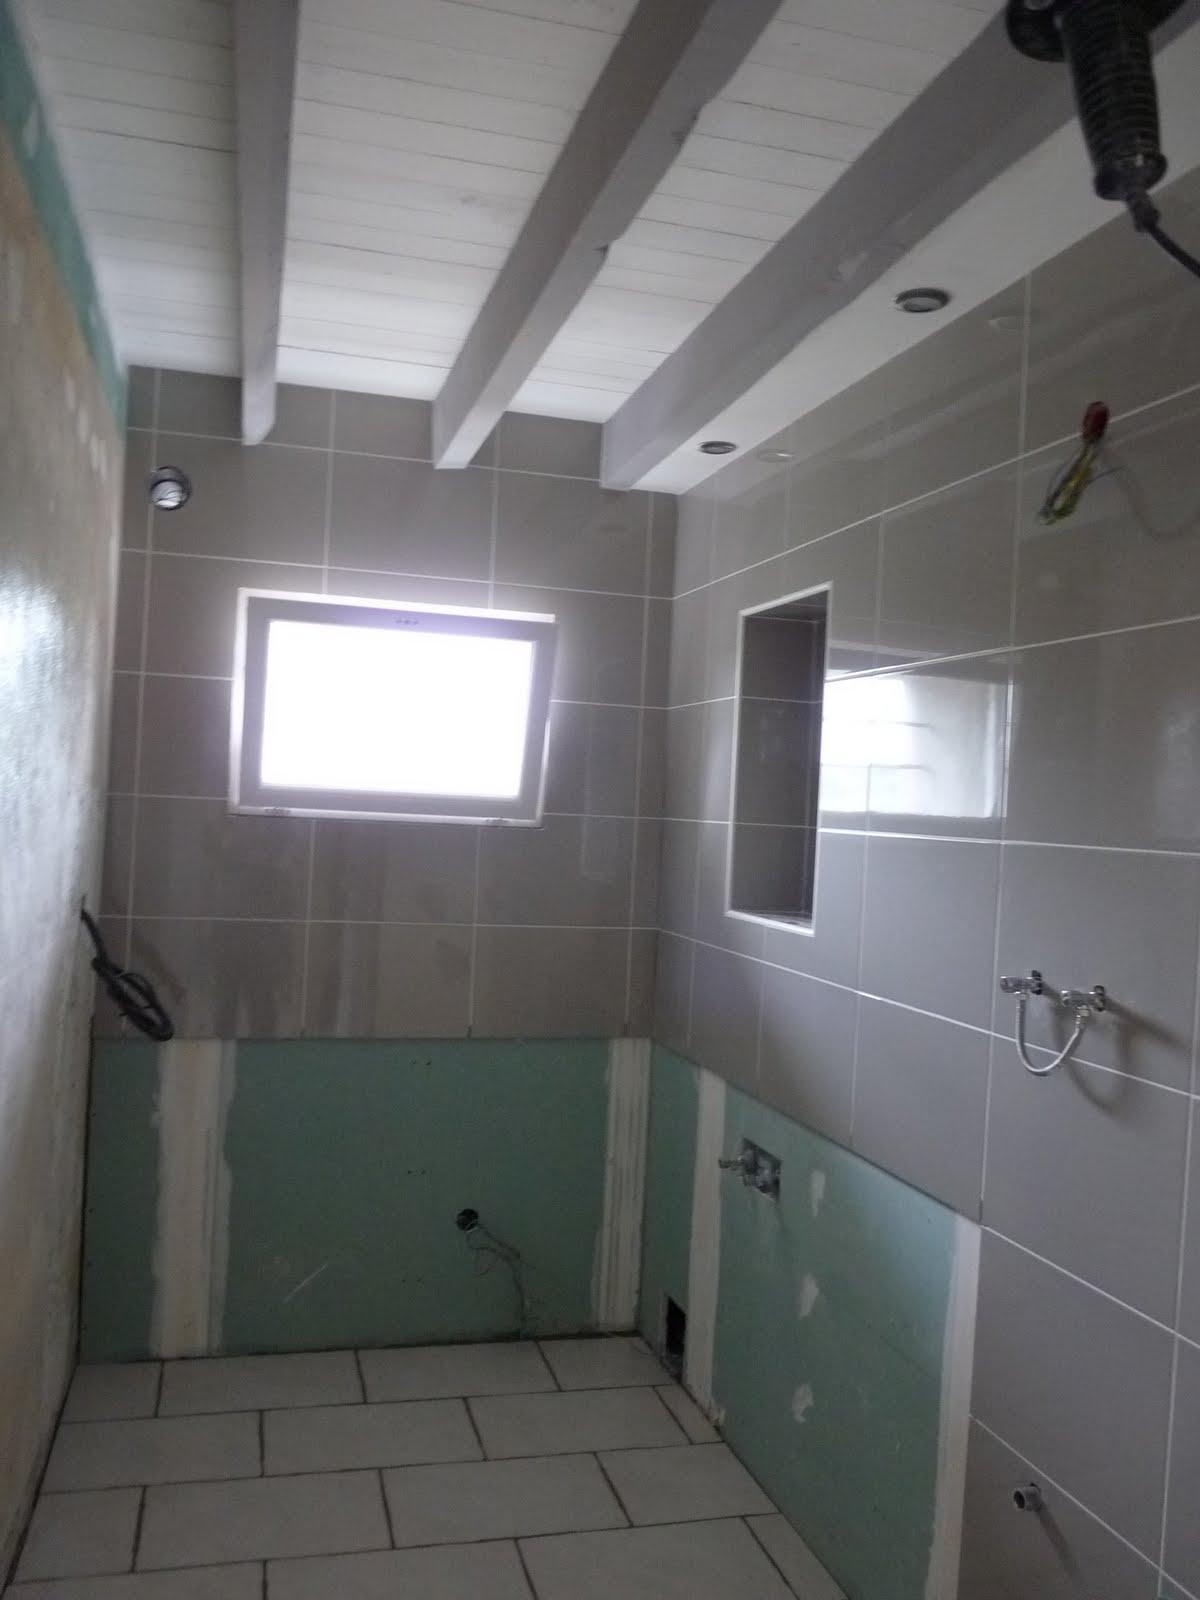 Comment Carreler Une Salle De Bain Jusqu'Au Plafond ~ cloison salle de bain a carreler amazing cloison dans une salle de